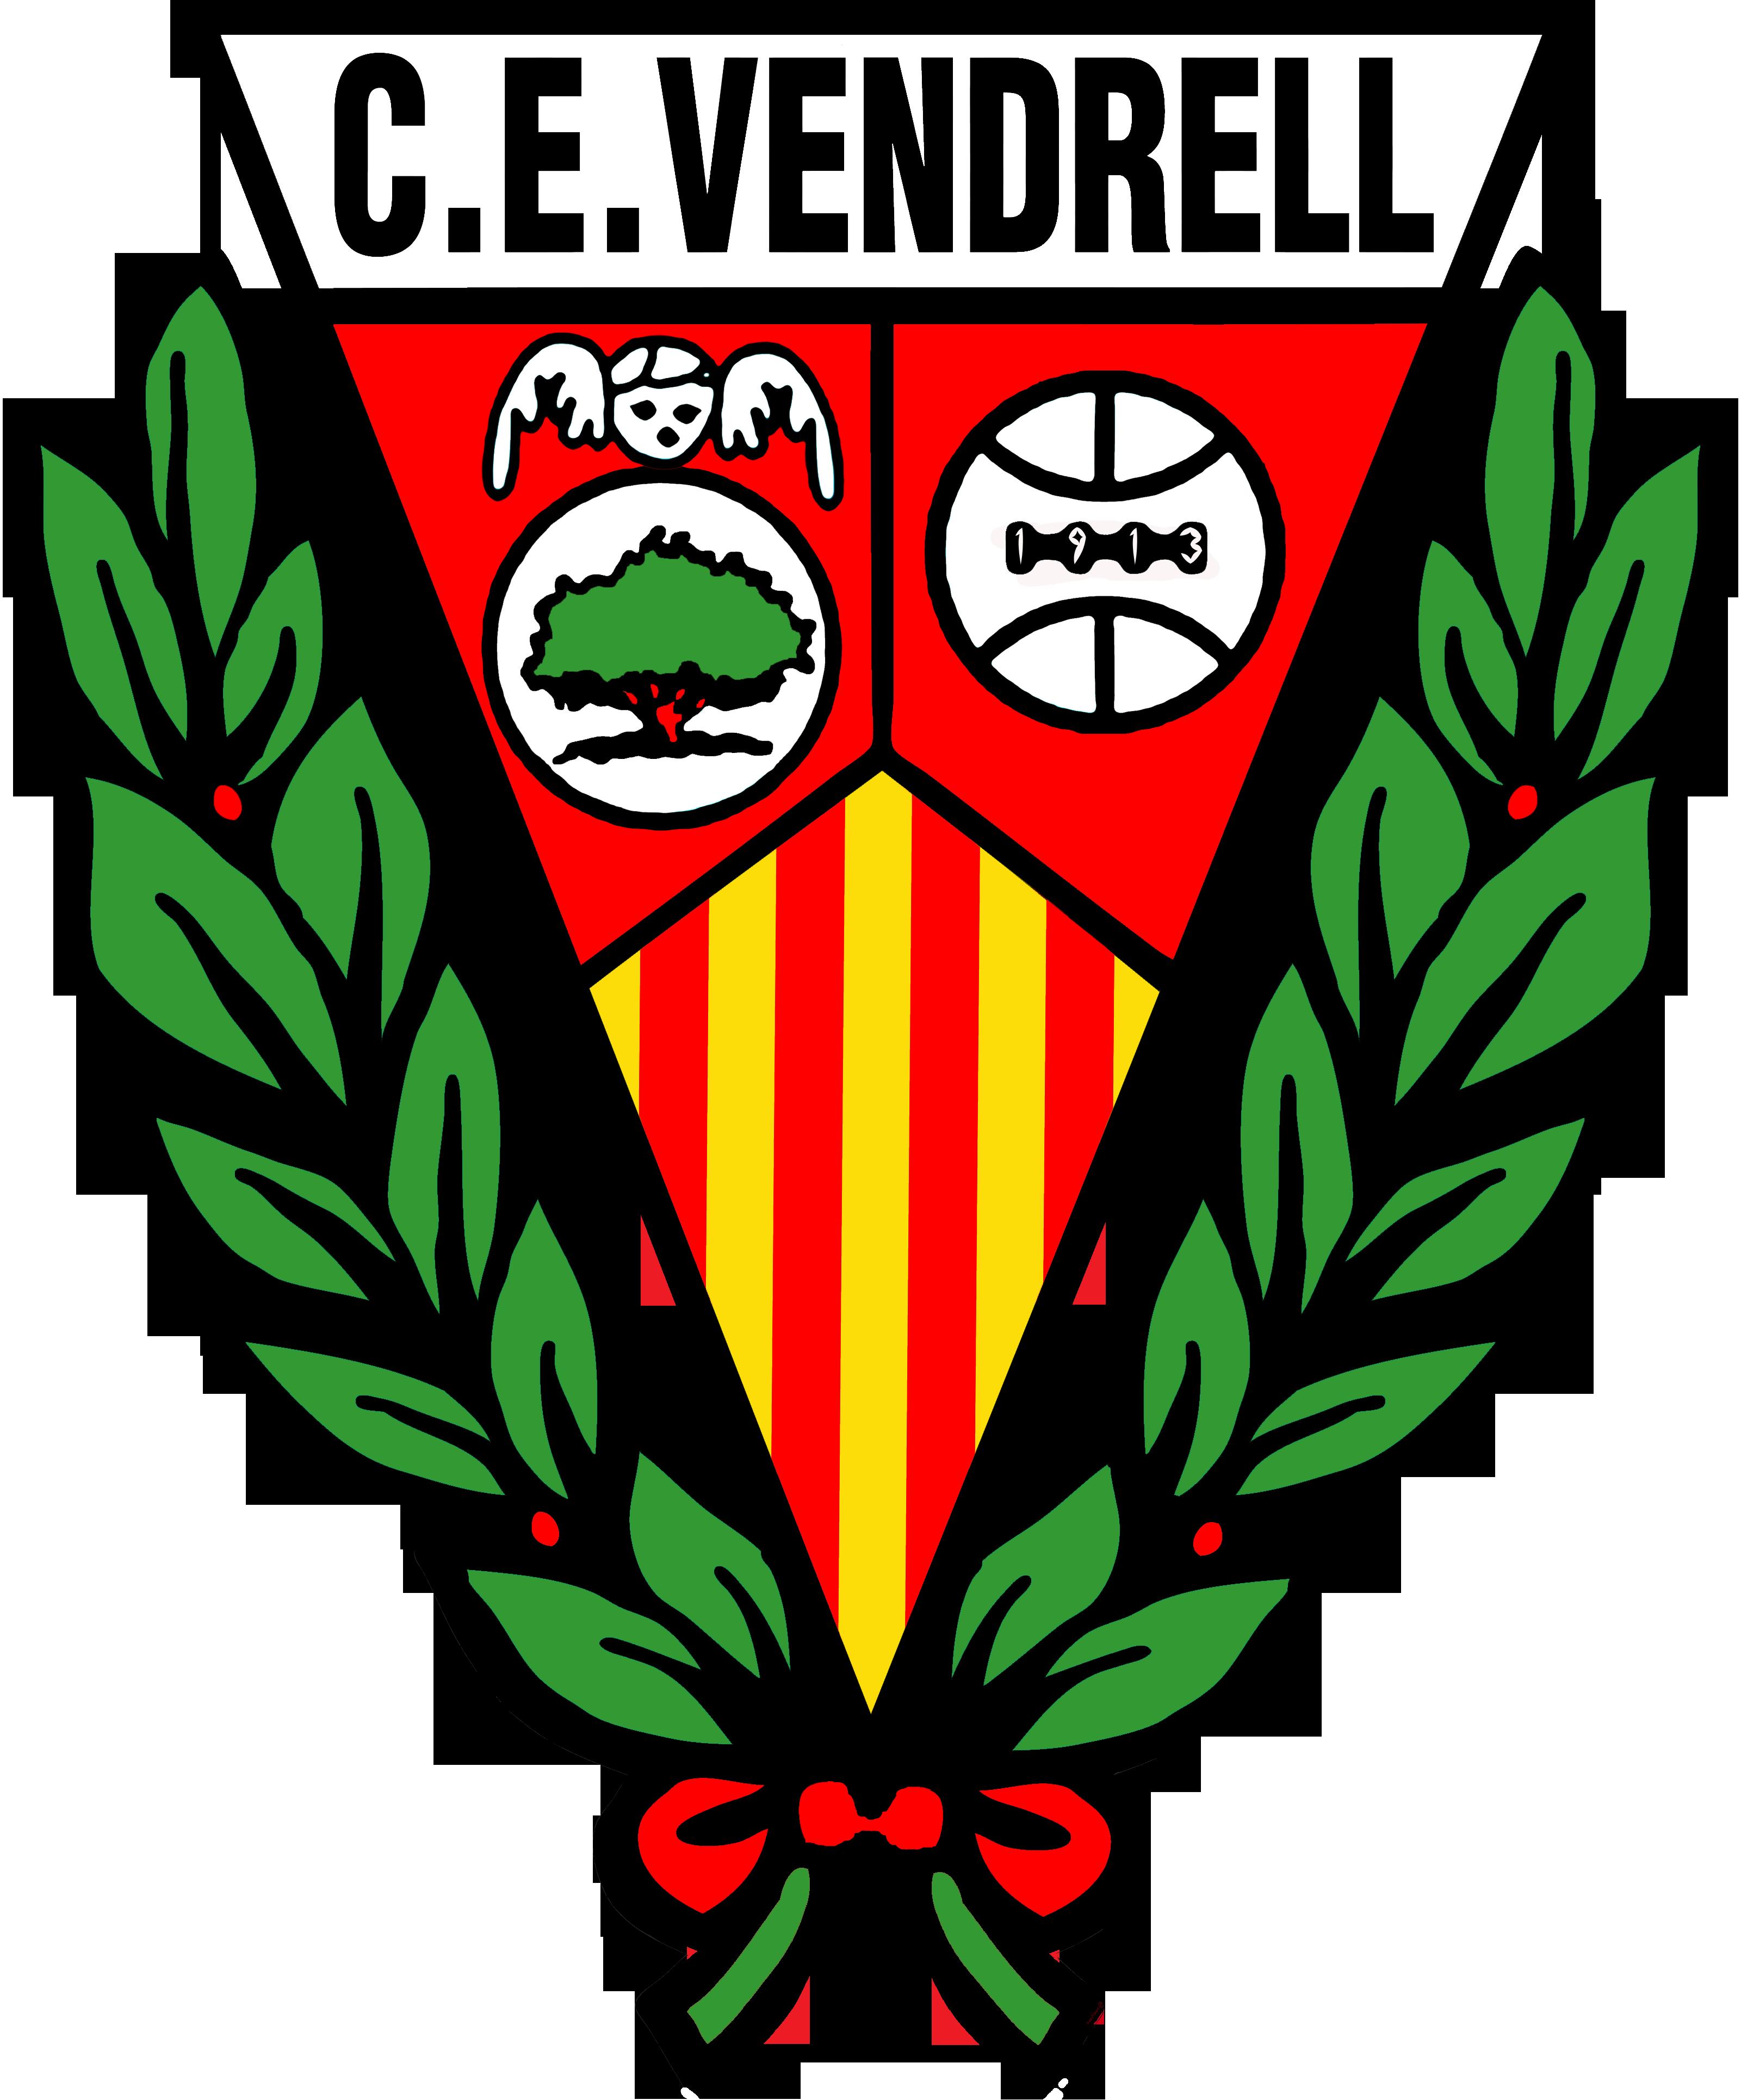 C.E. Vendrell Benjami C